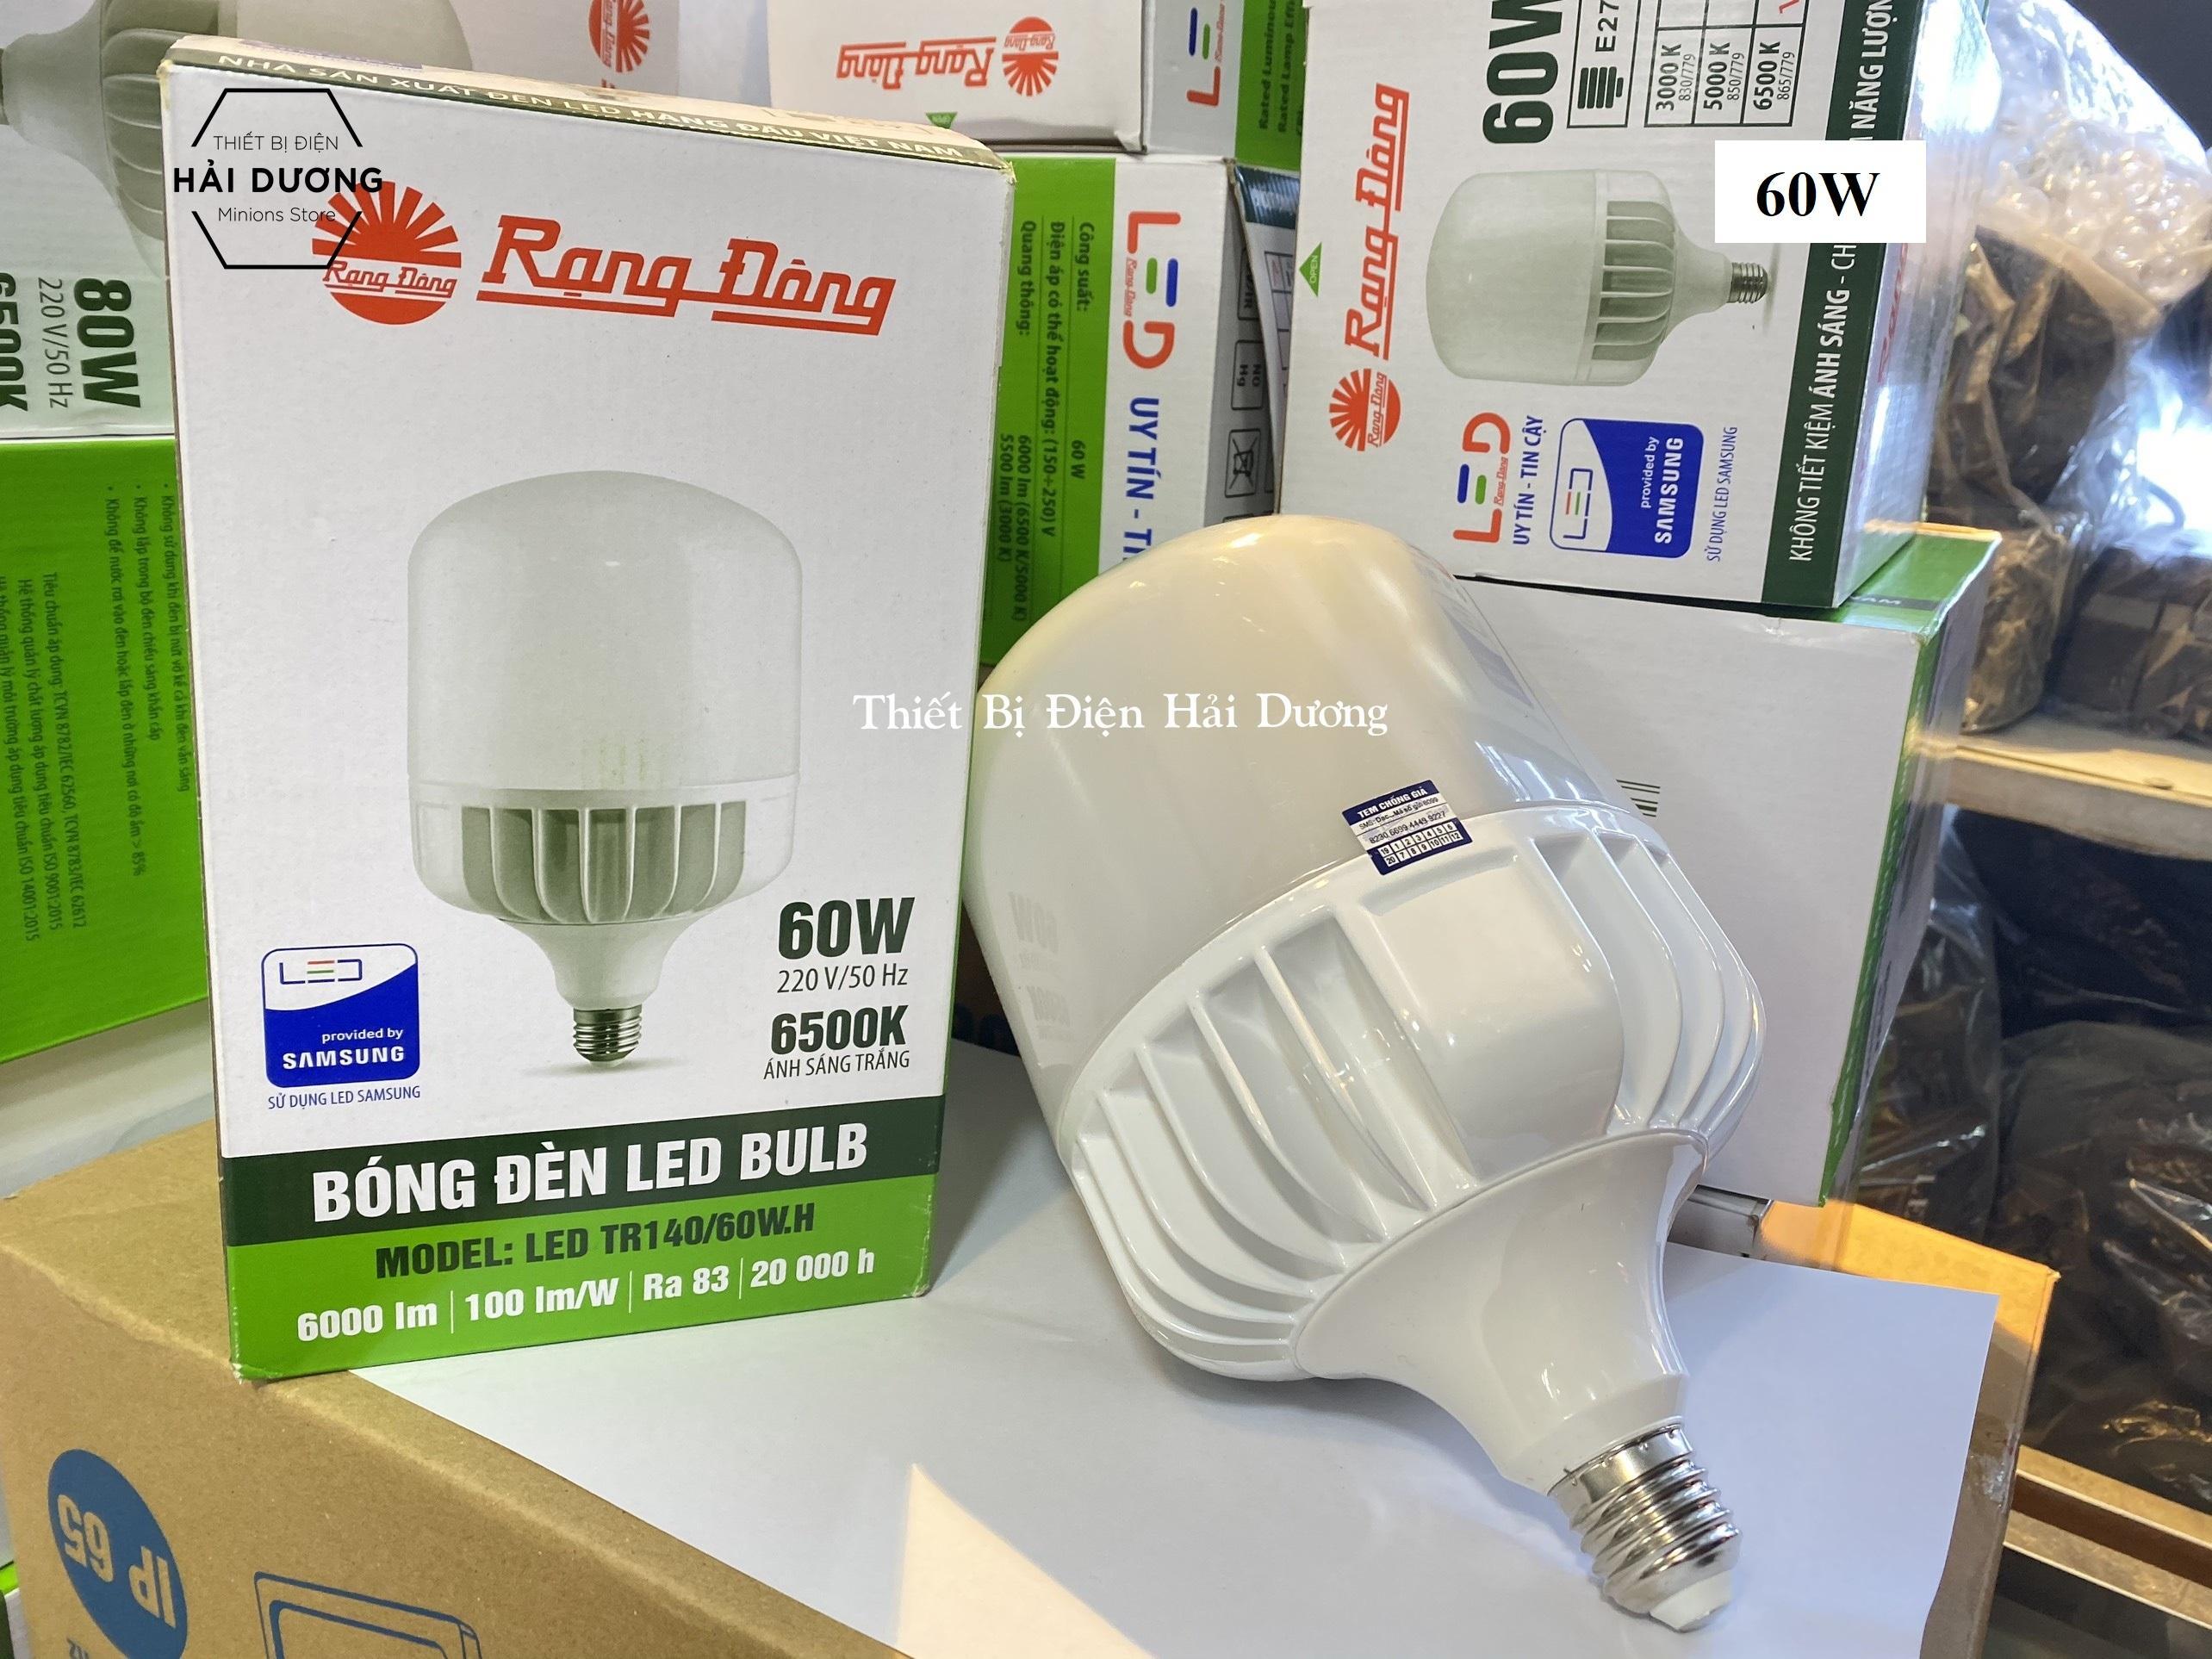 Bóng đèn LED BULB Trụ 60W - 80W Rạng Đông - Sử dụng Chip LED Samsung - Bảo  hành 24 tháng